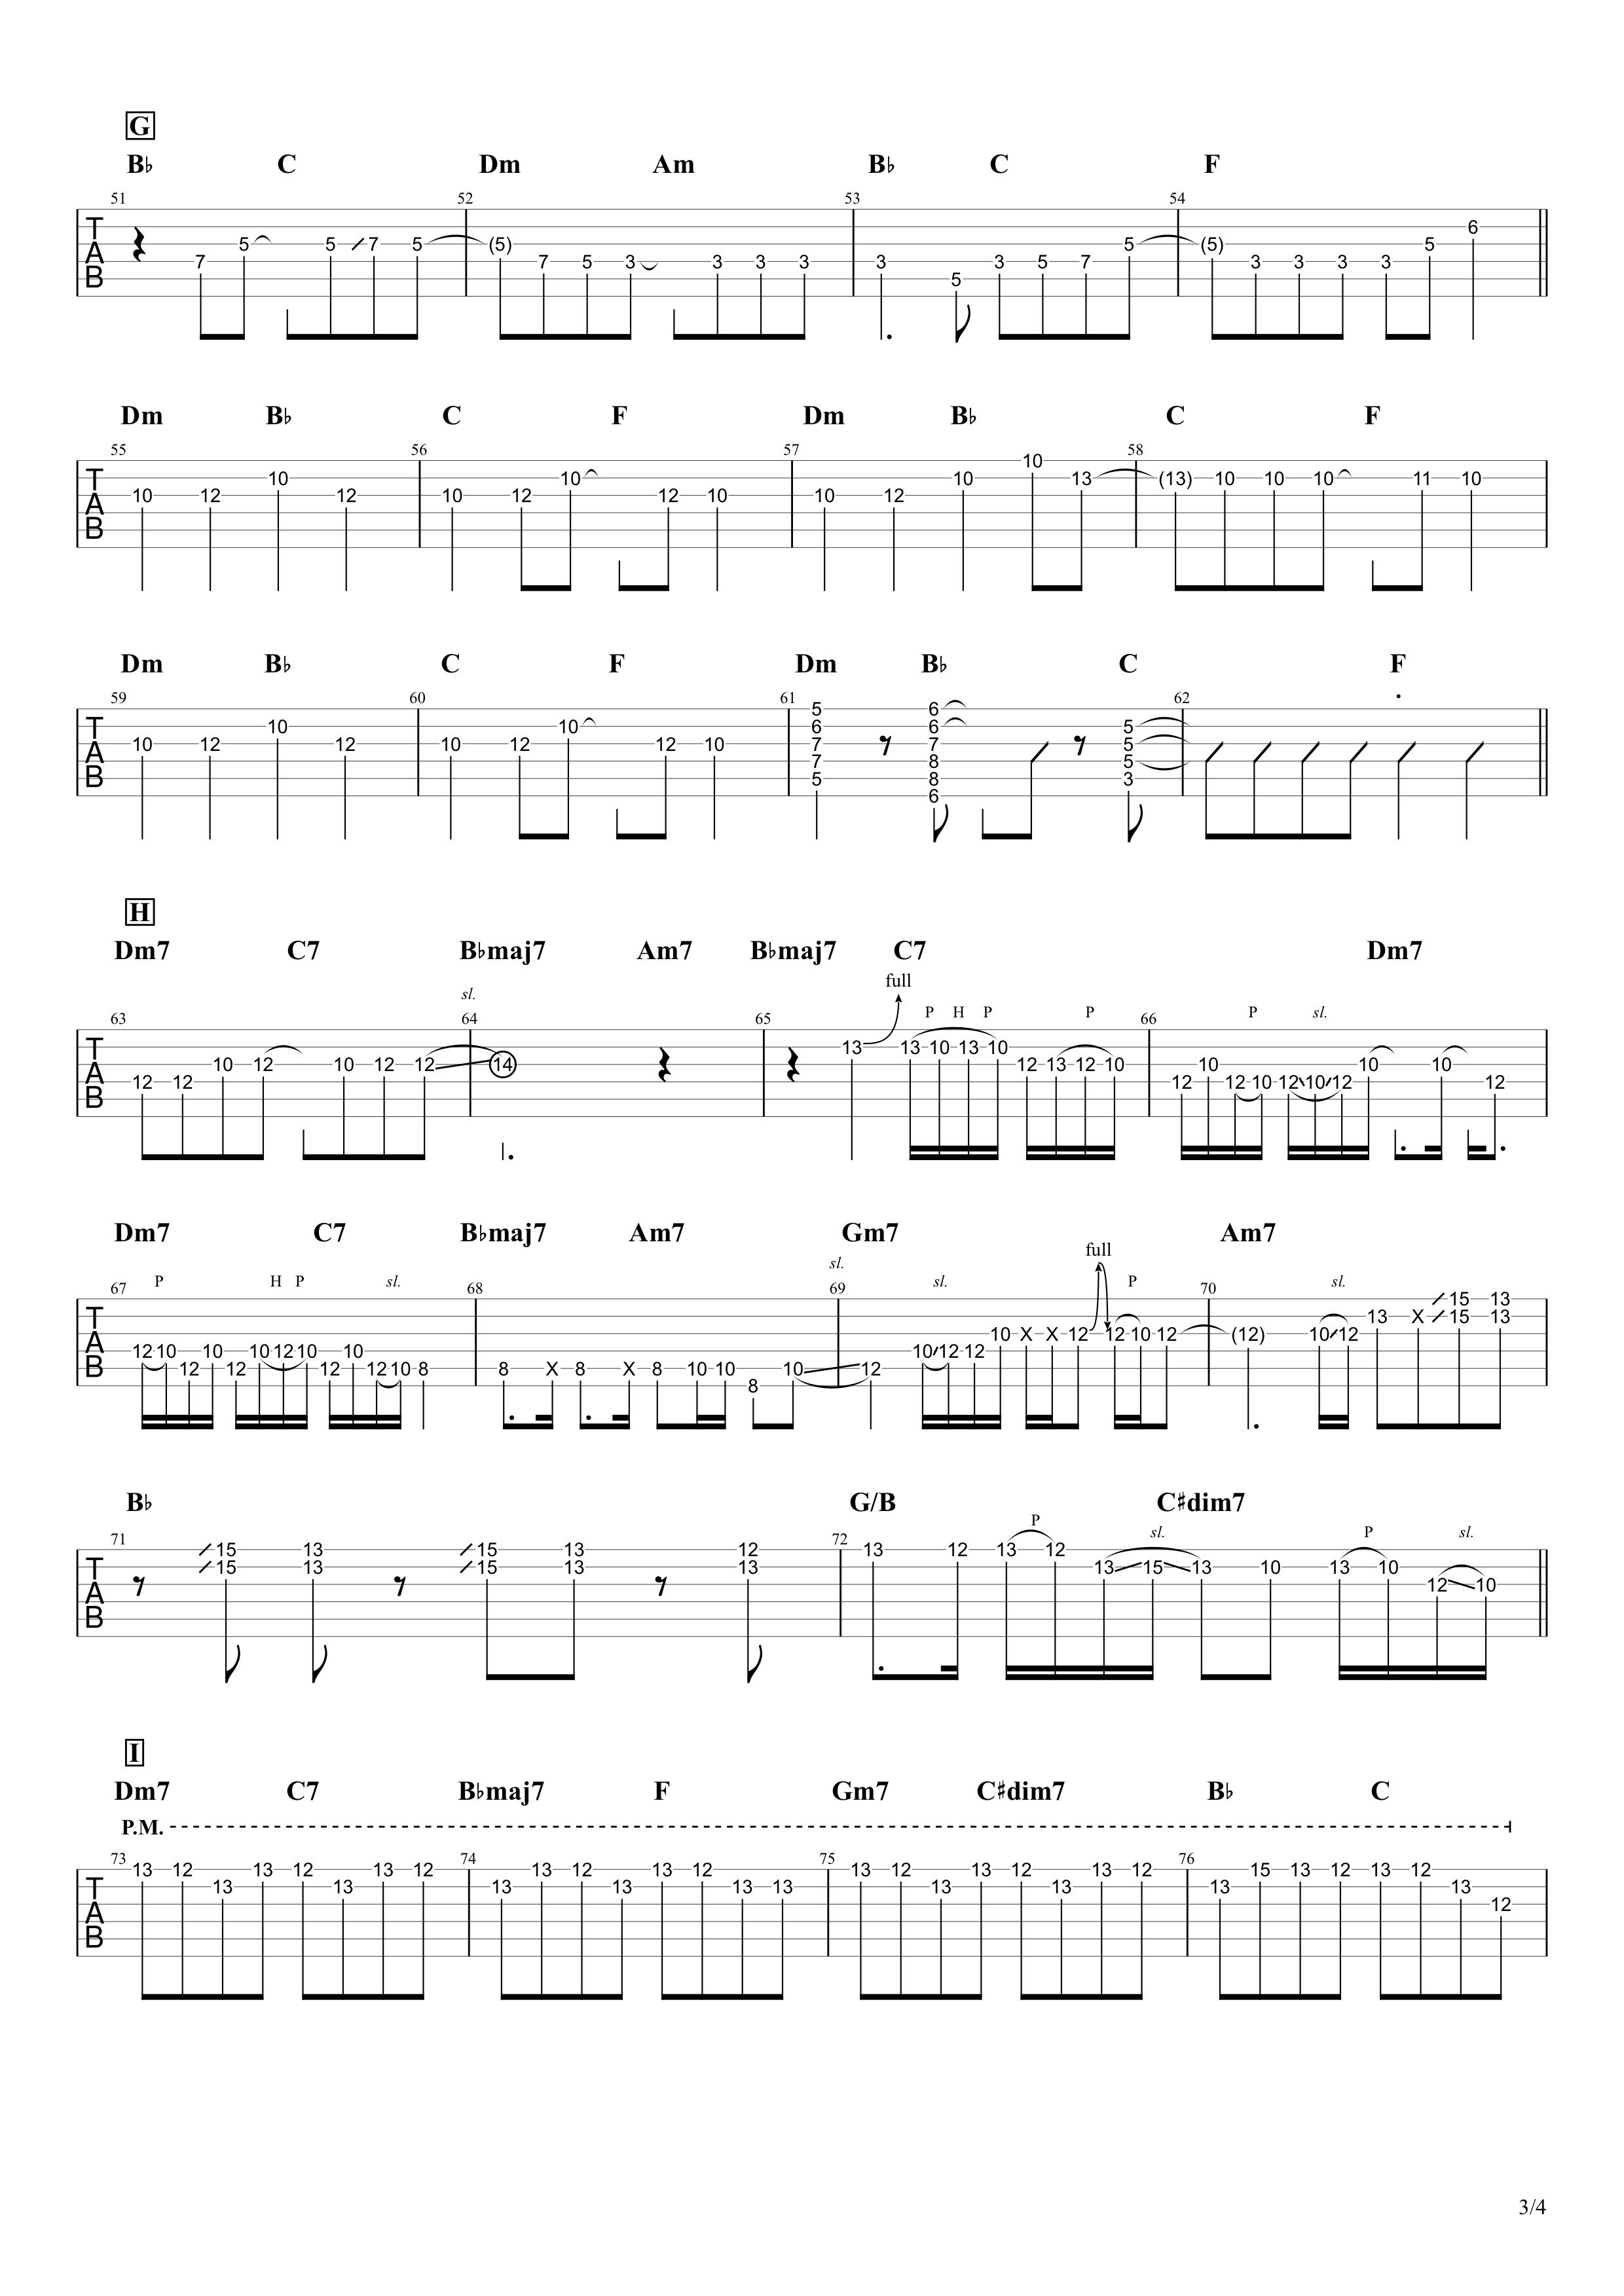 ただ君に晴れ/ヨルシカ ギタータブ譜スコア03